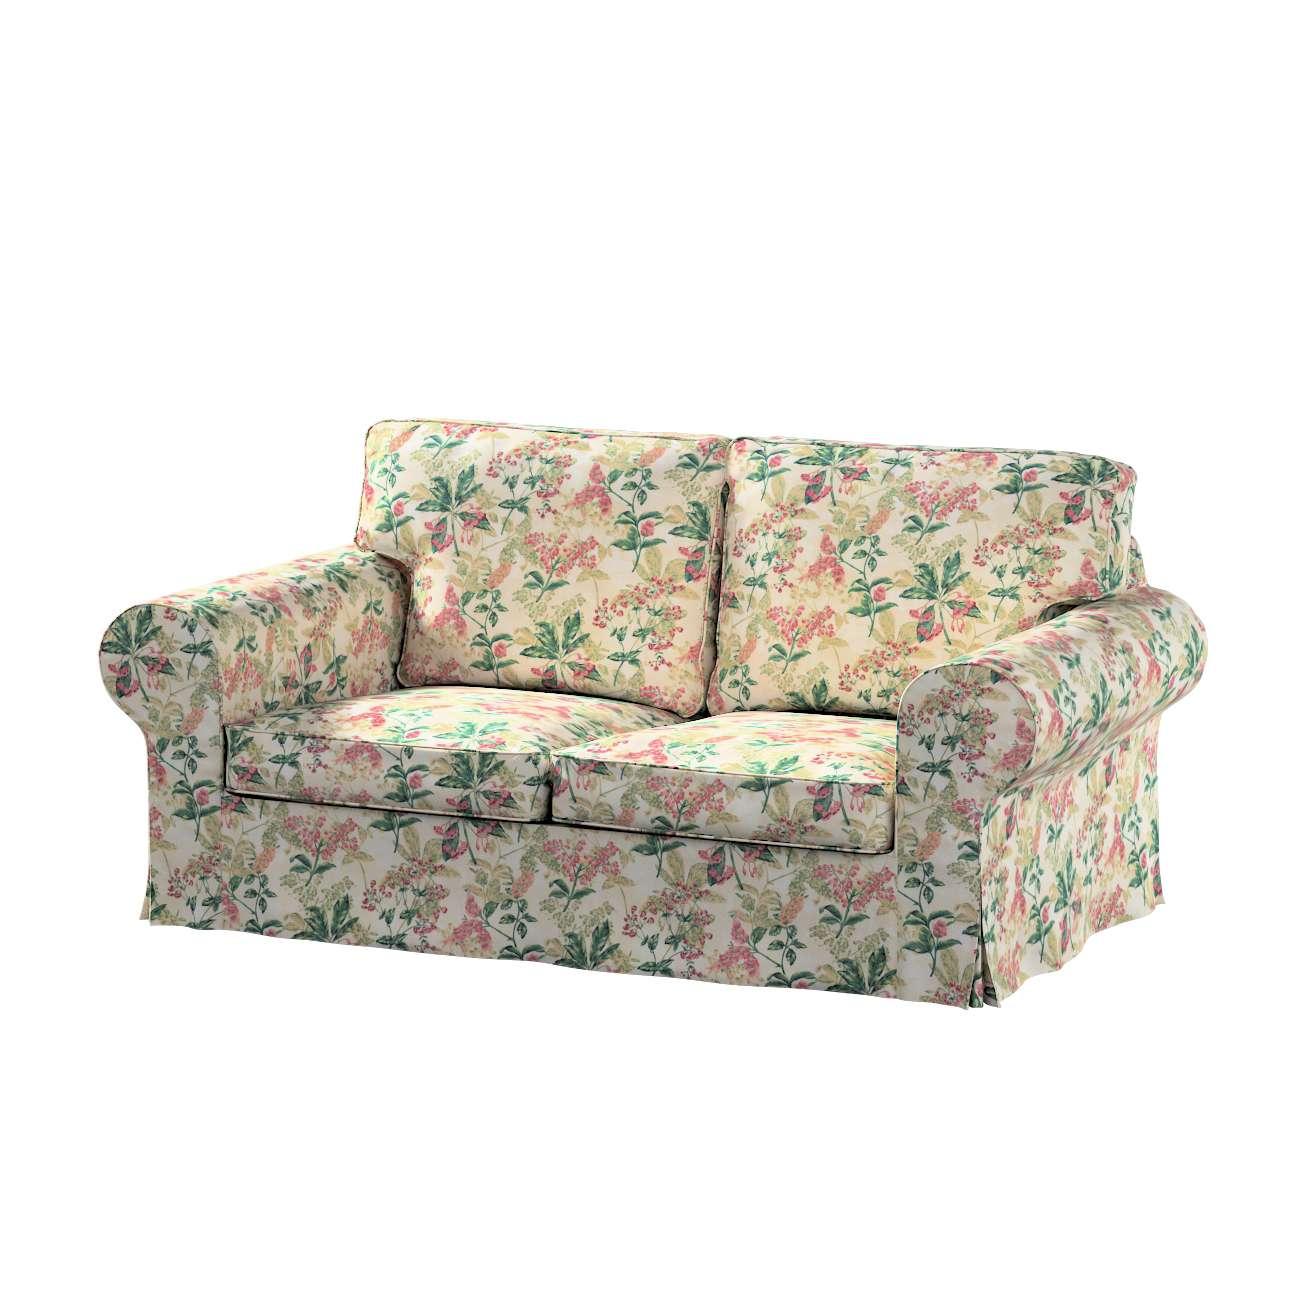 Pokrowiec na sofę Ektorp 2-osobową rozkładaną, model po 2012 w kolekcji Londres, tkanina: 143-41